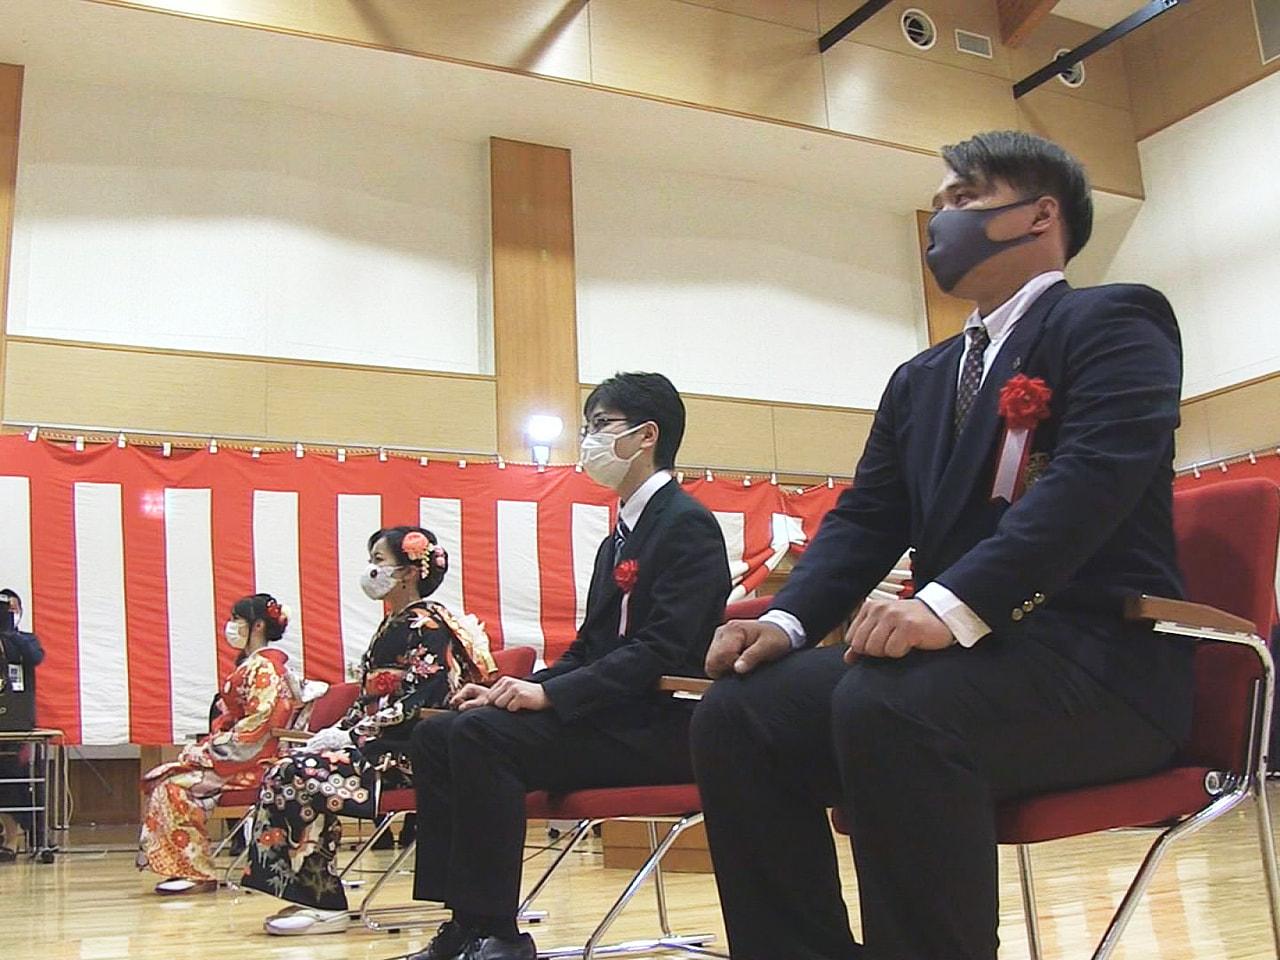 新型コロナウイルスの影響で延期されていた岐阜県高山市の成人式が、規模を大幅に縮小...